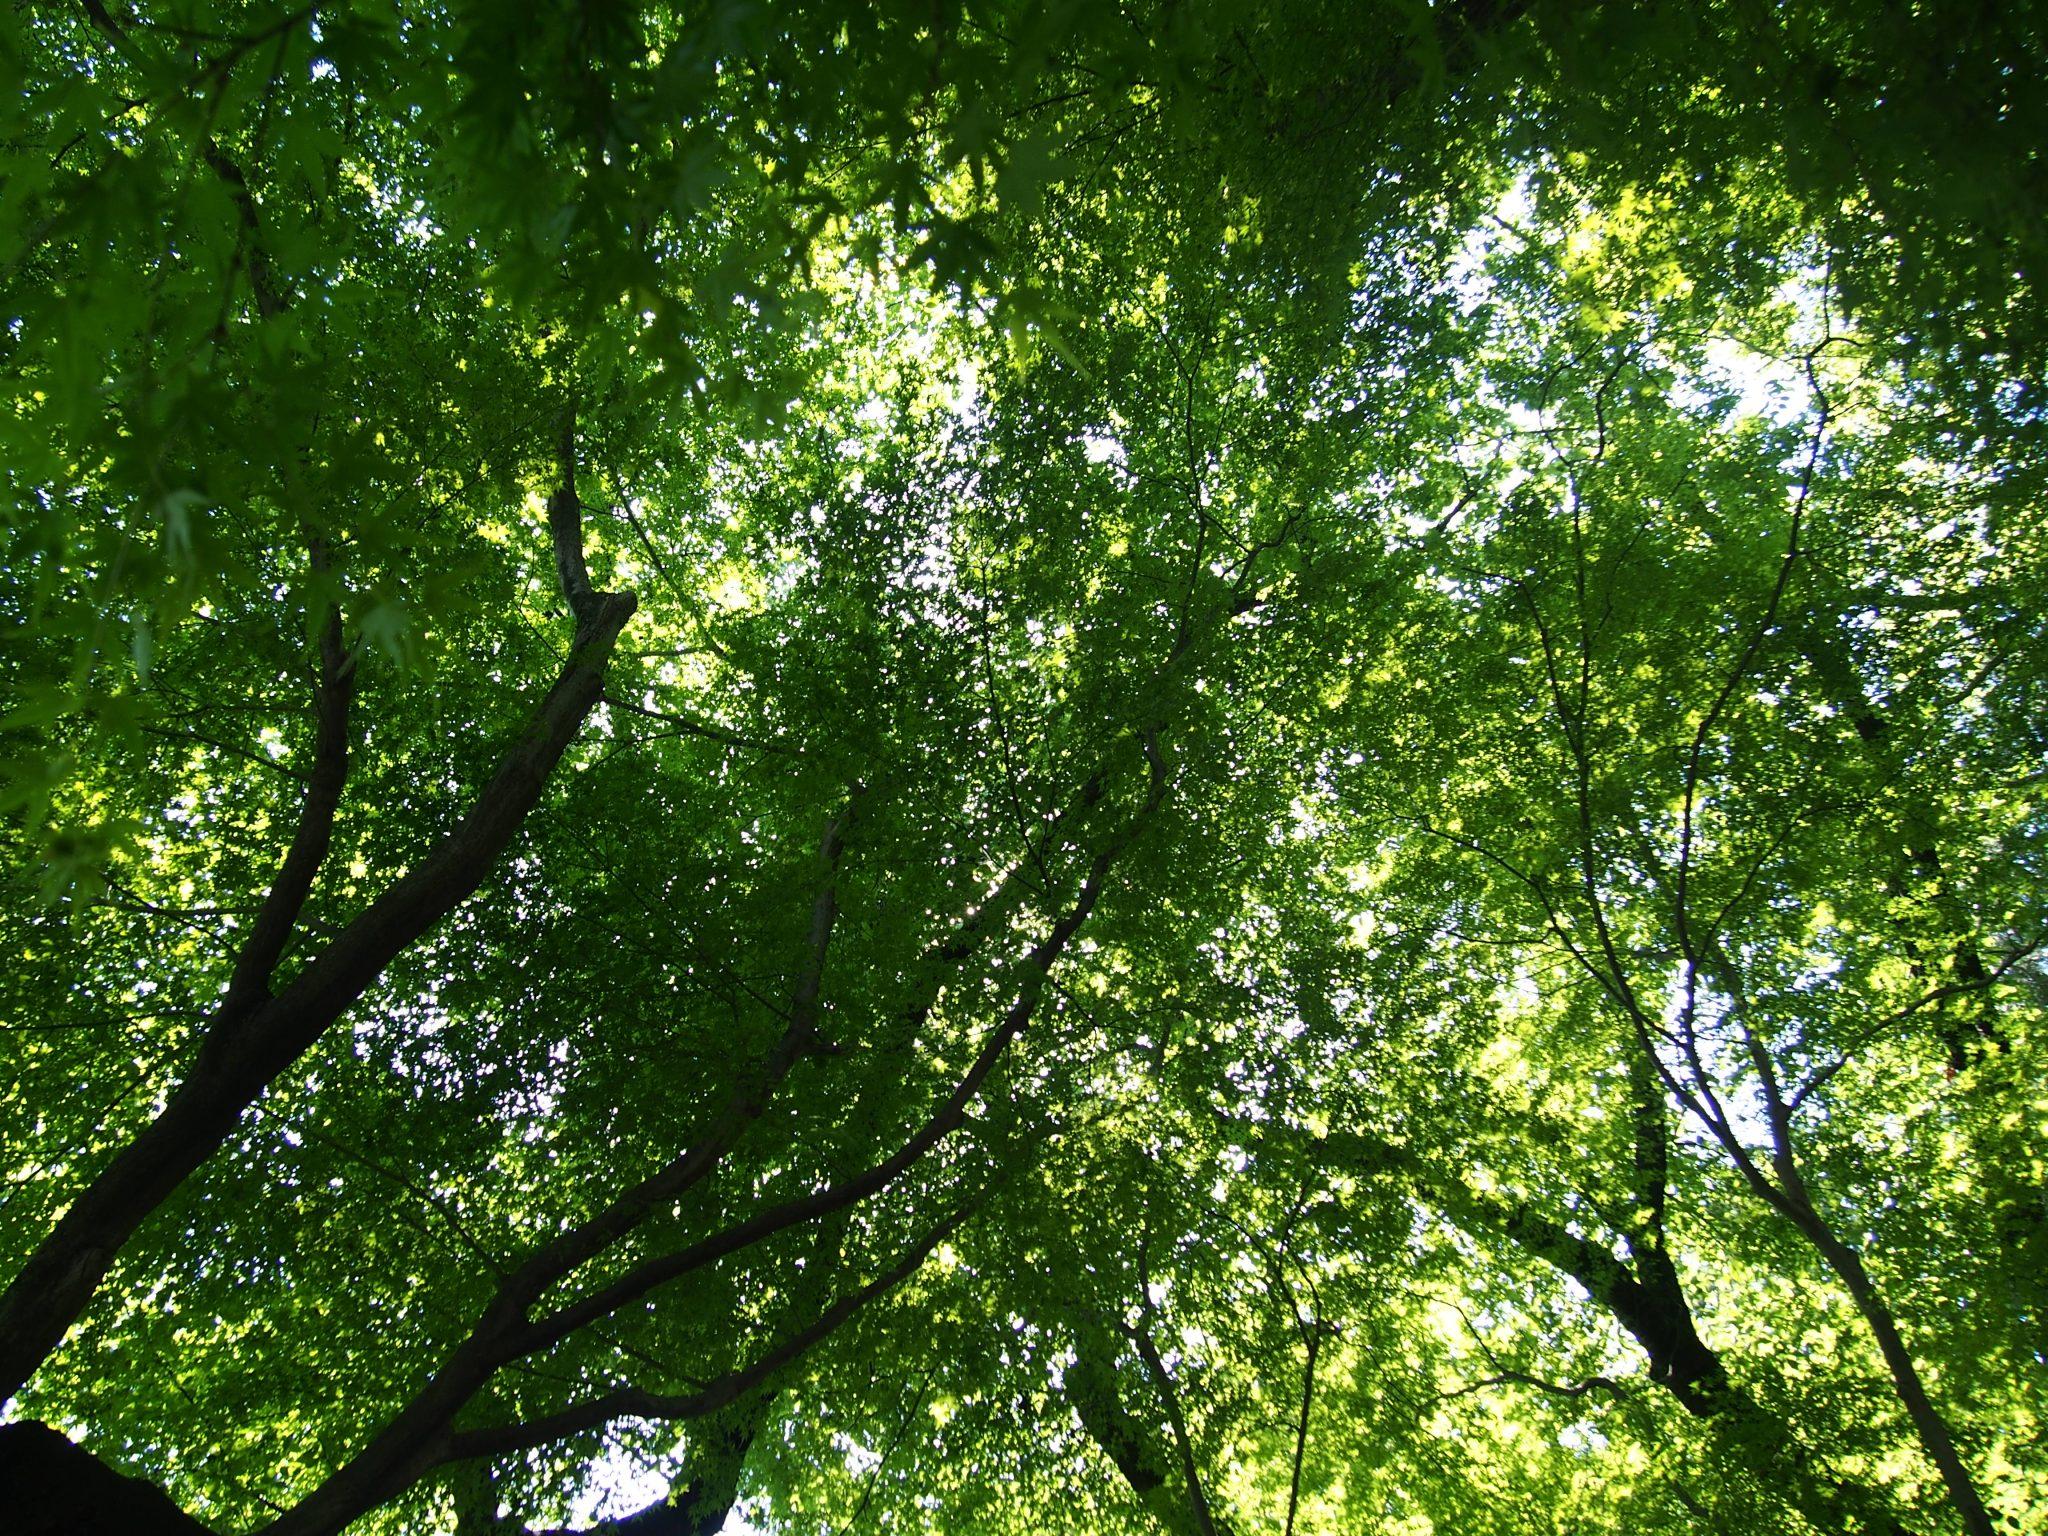 東京の木や森に関連した画像をまとめてます